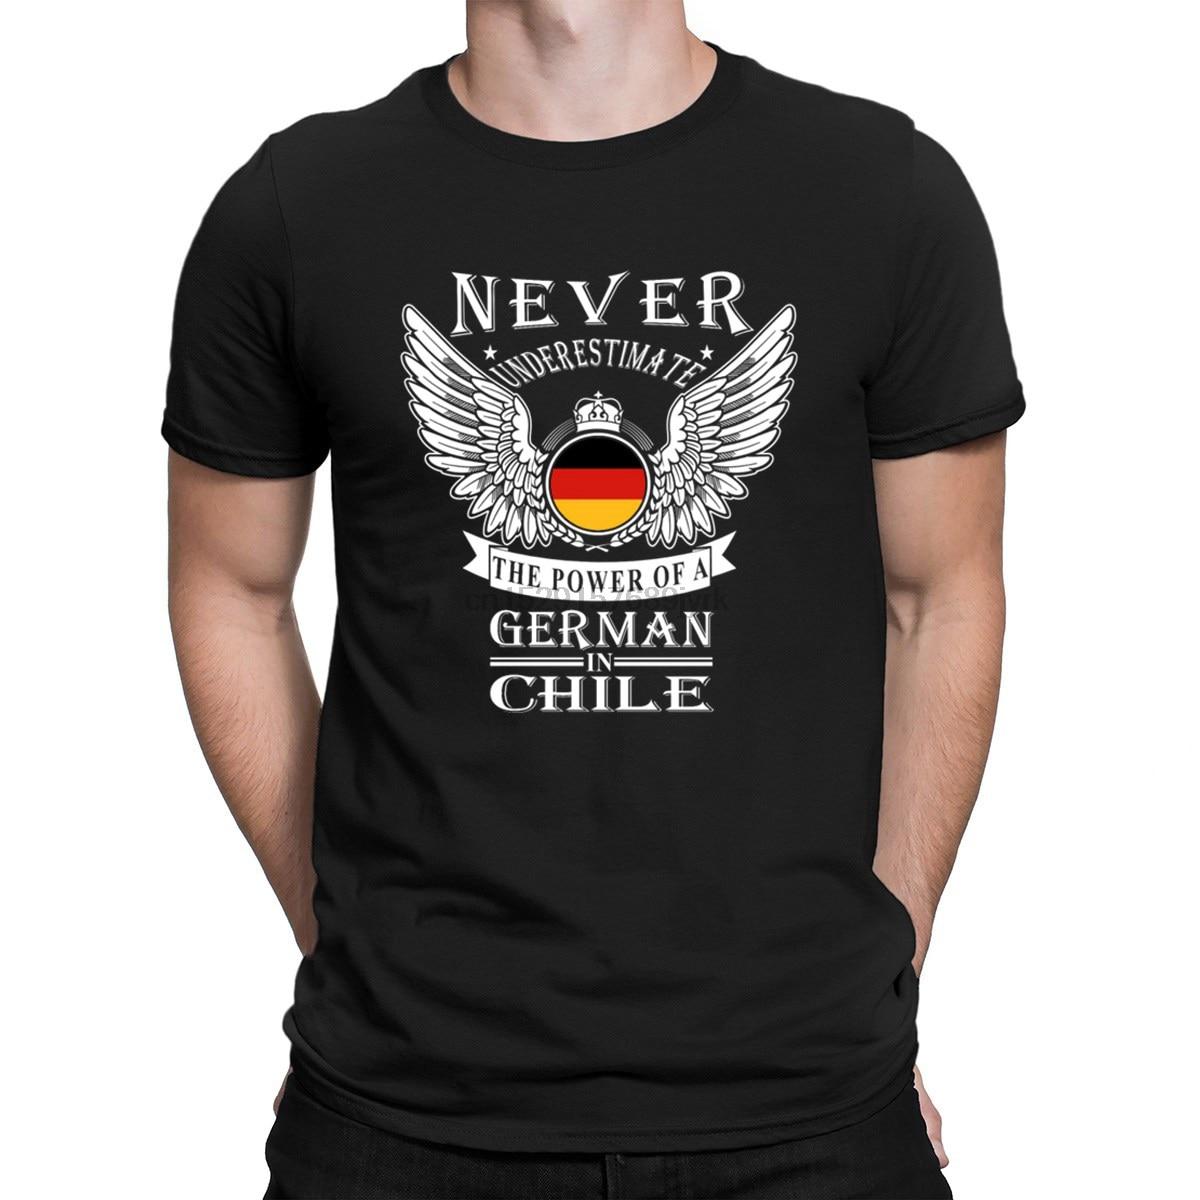 Niemiecka moc niemieckiego w Chile Tshirt Kawaii hiphopowy top Gents 2018 prosta koszulka dla mężczyzn rodzina wokół szyi charakter